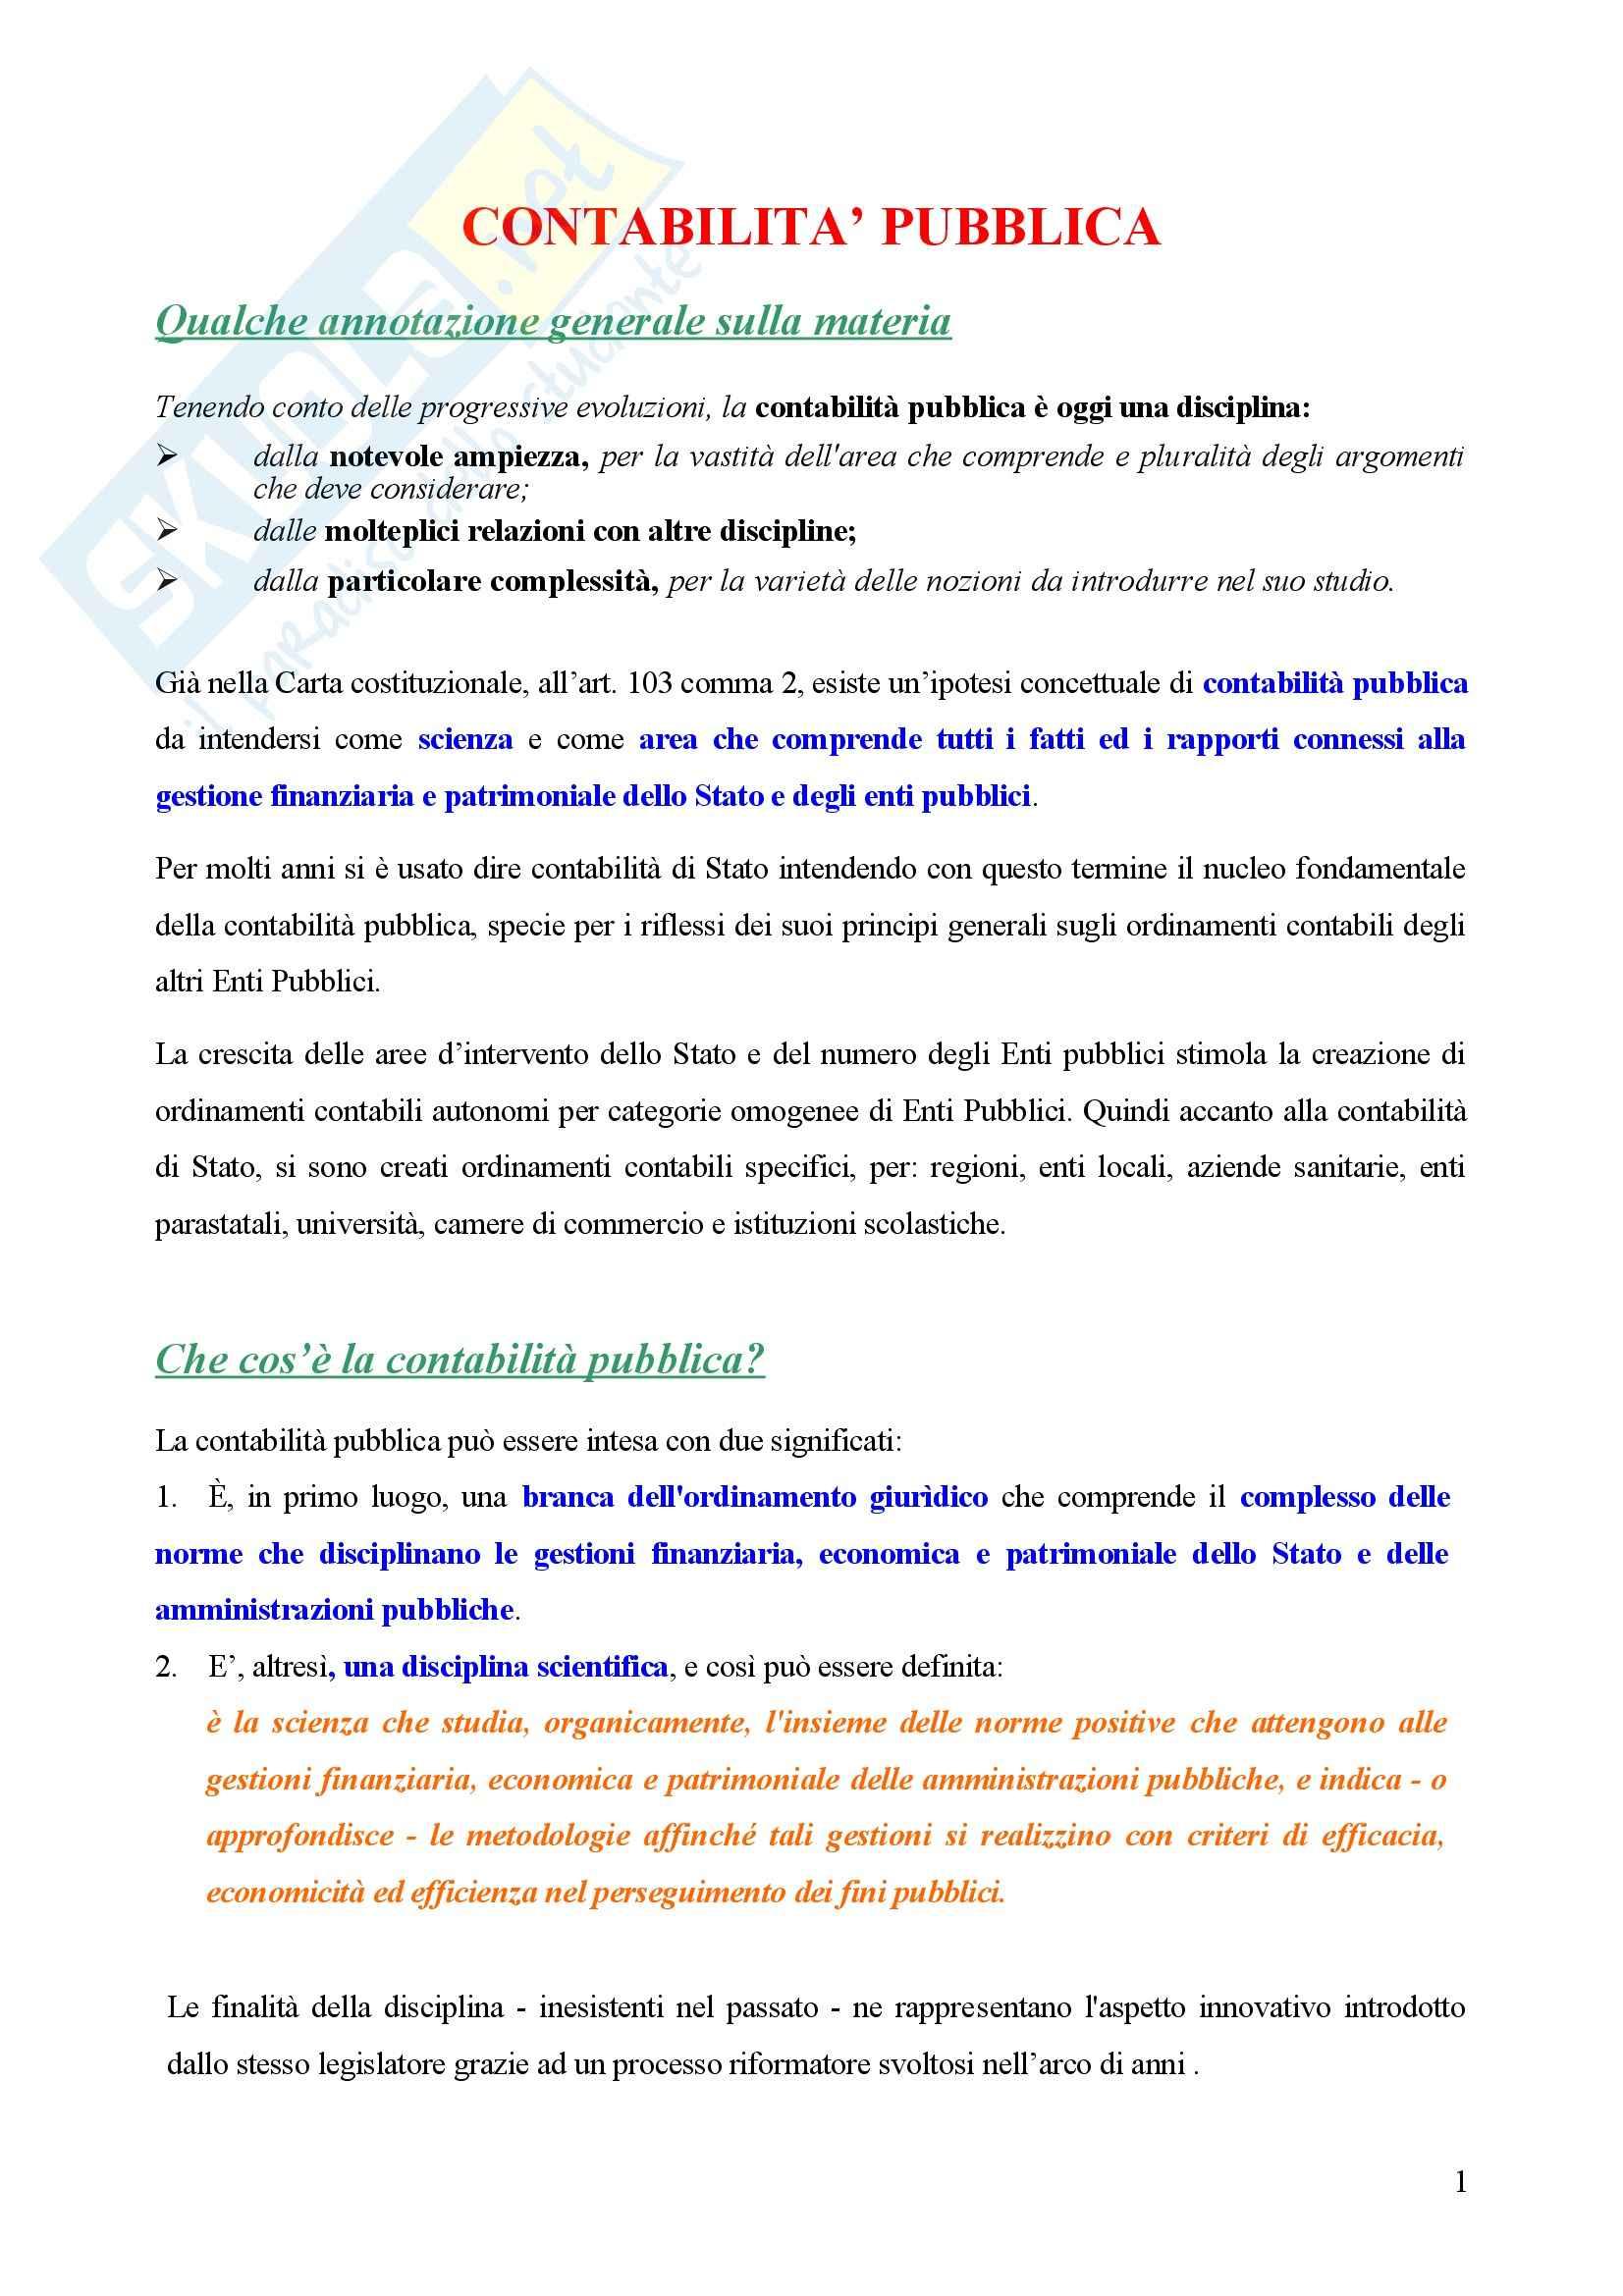 Contabilità pubblica - Compendio